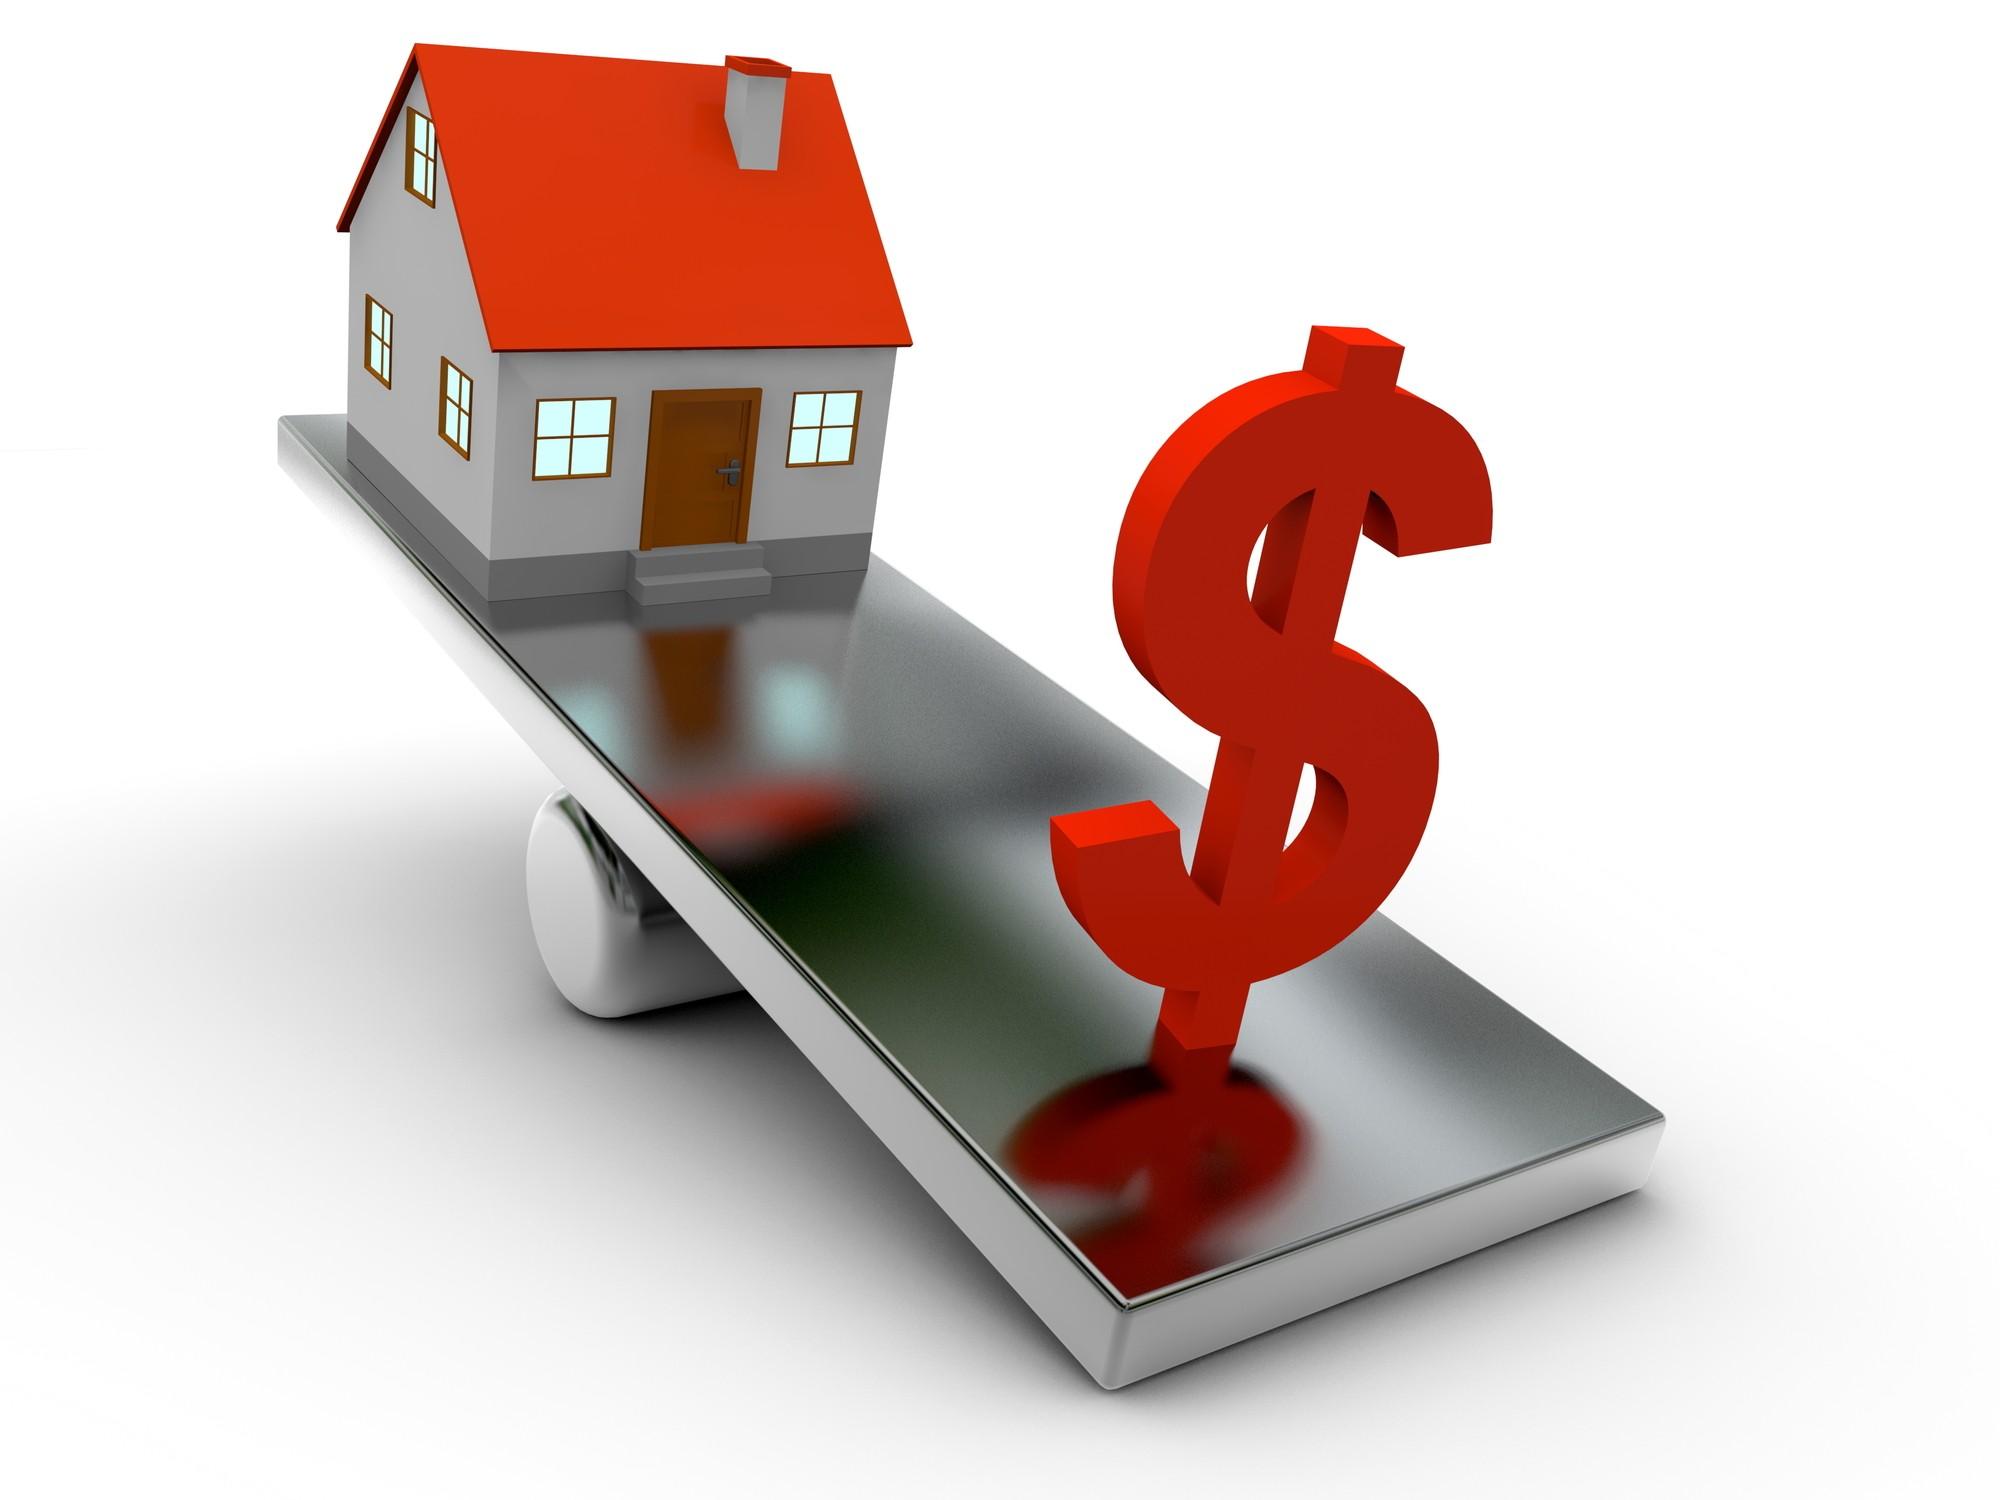 Порядок рефинансирования ипотеки ВТБ 24 чтобы понизить процент по договору